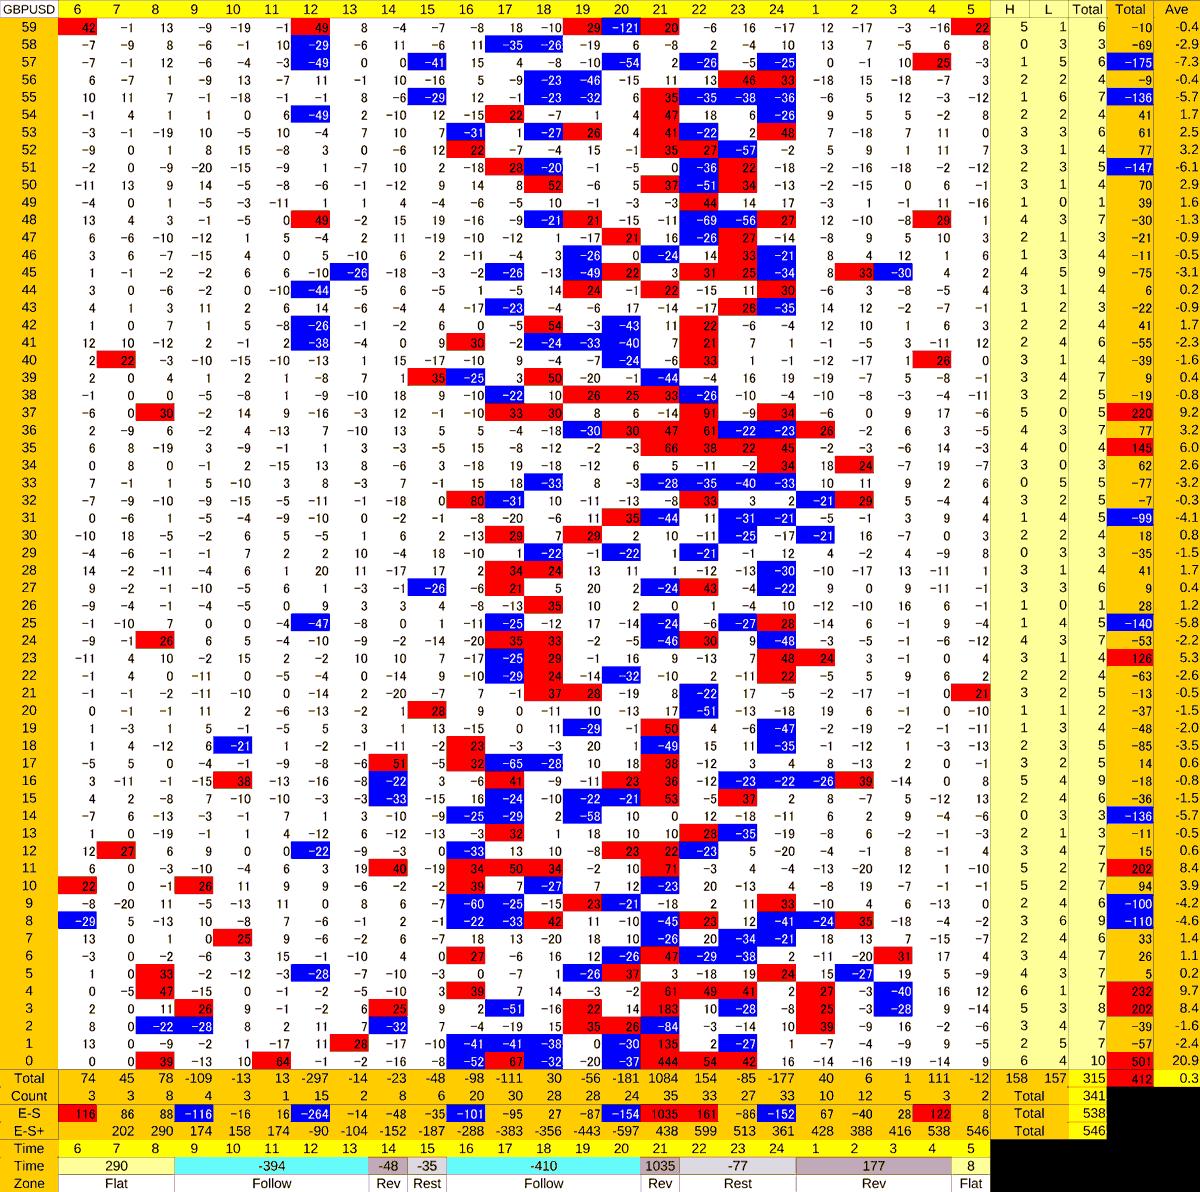 20210204_HS(2)GBPUSD